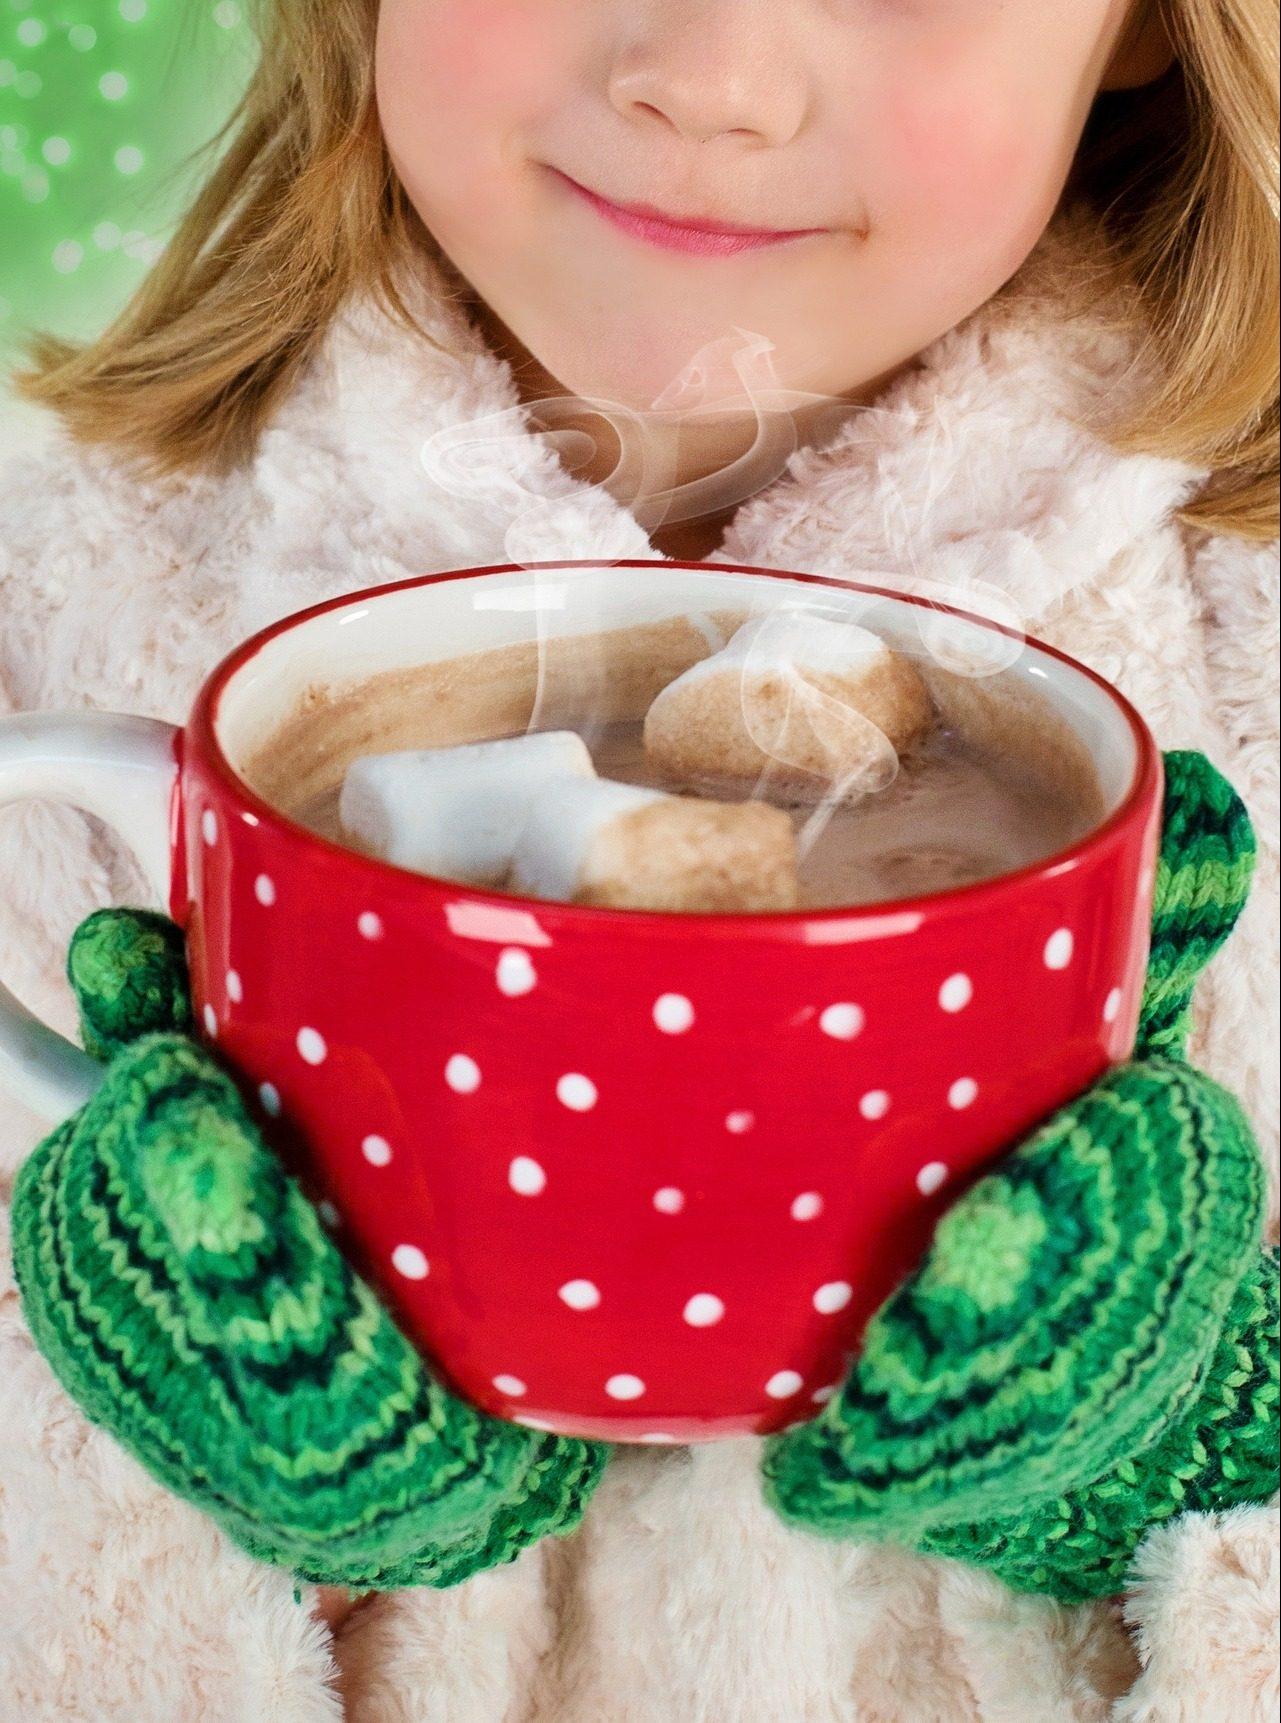 Delícia de inverno: aprenda uma receita fácil de chocolate quente